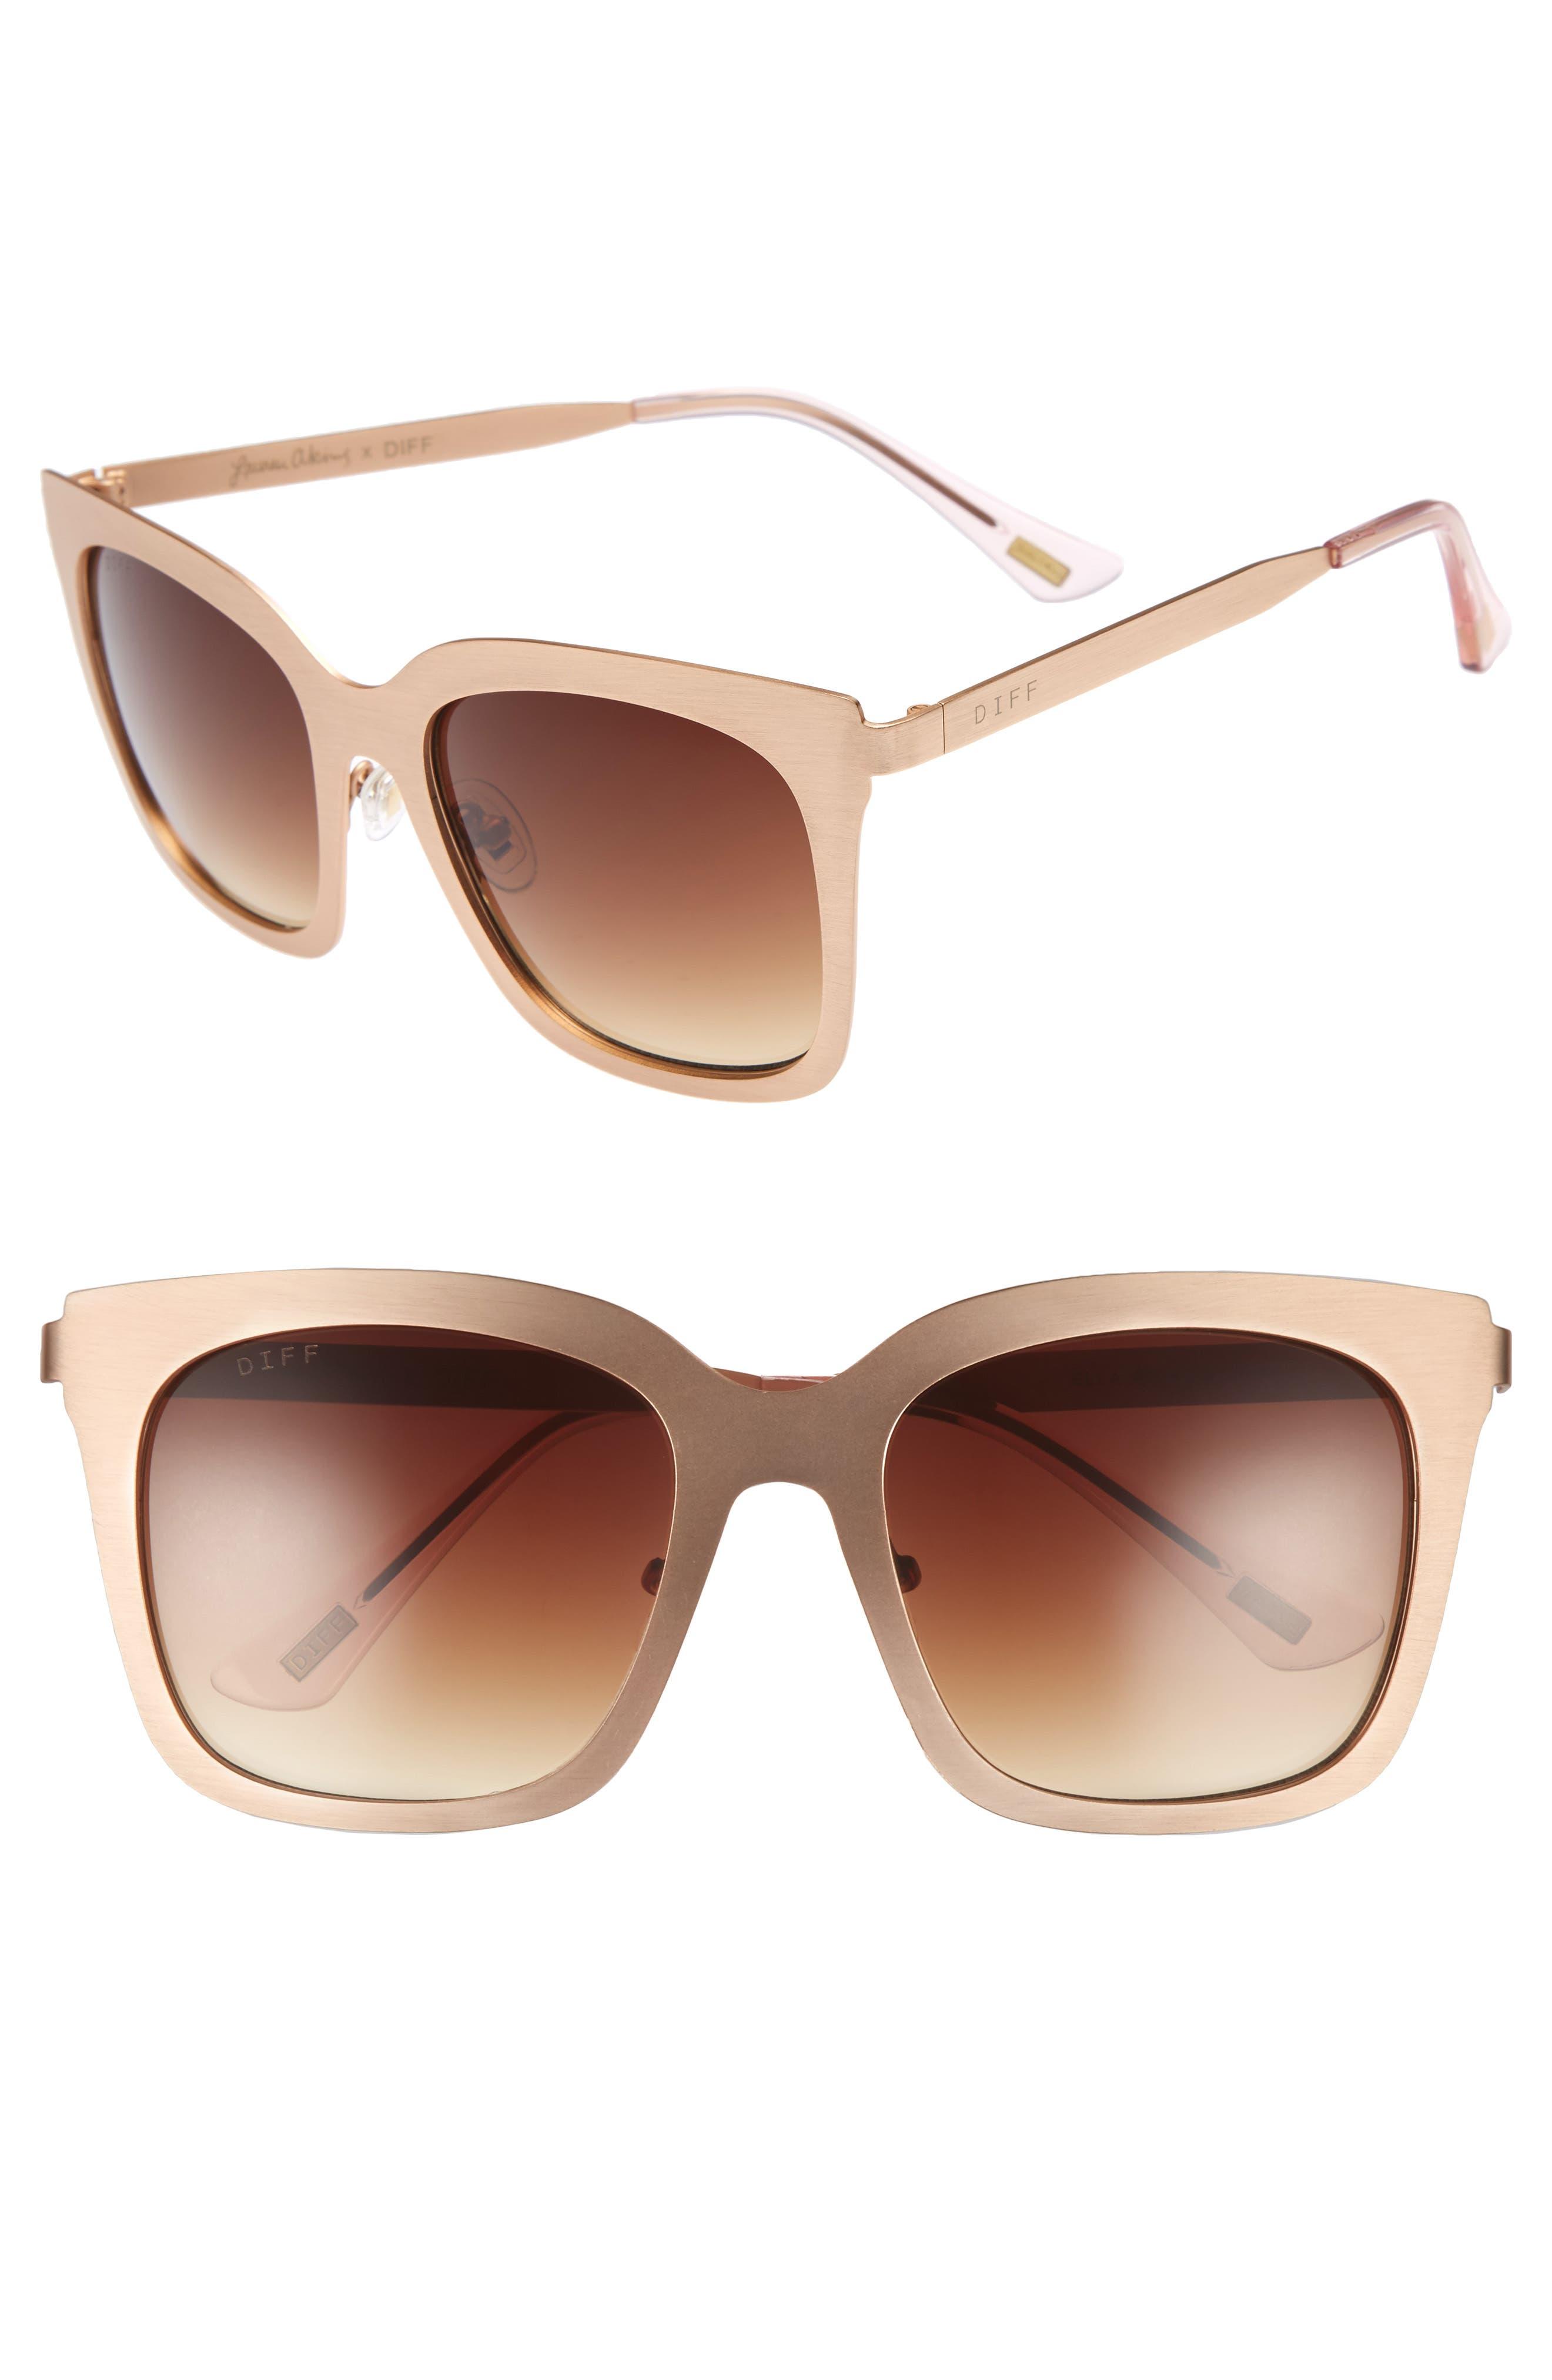 x Lauren Akins Ella 55mm Cat Eye Sunglasses,                             Main thumbnail 1, color,                             Gold/ Brown